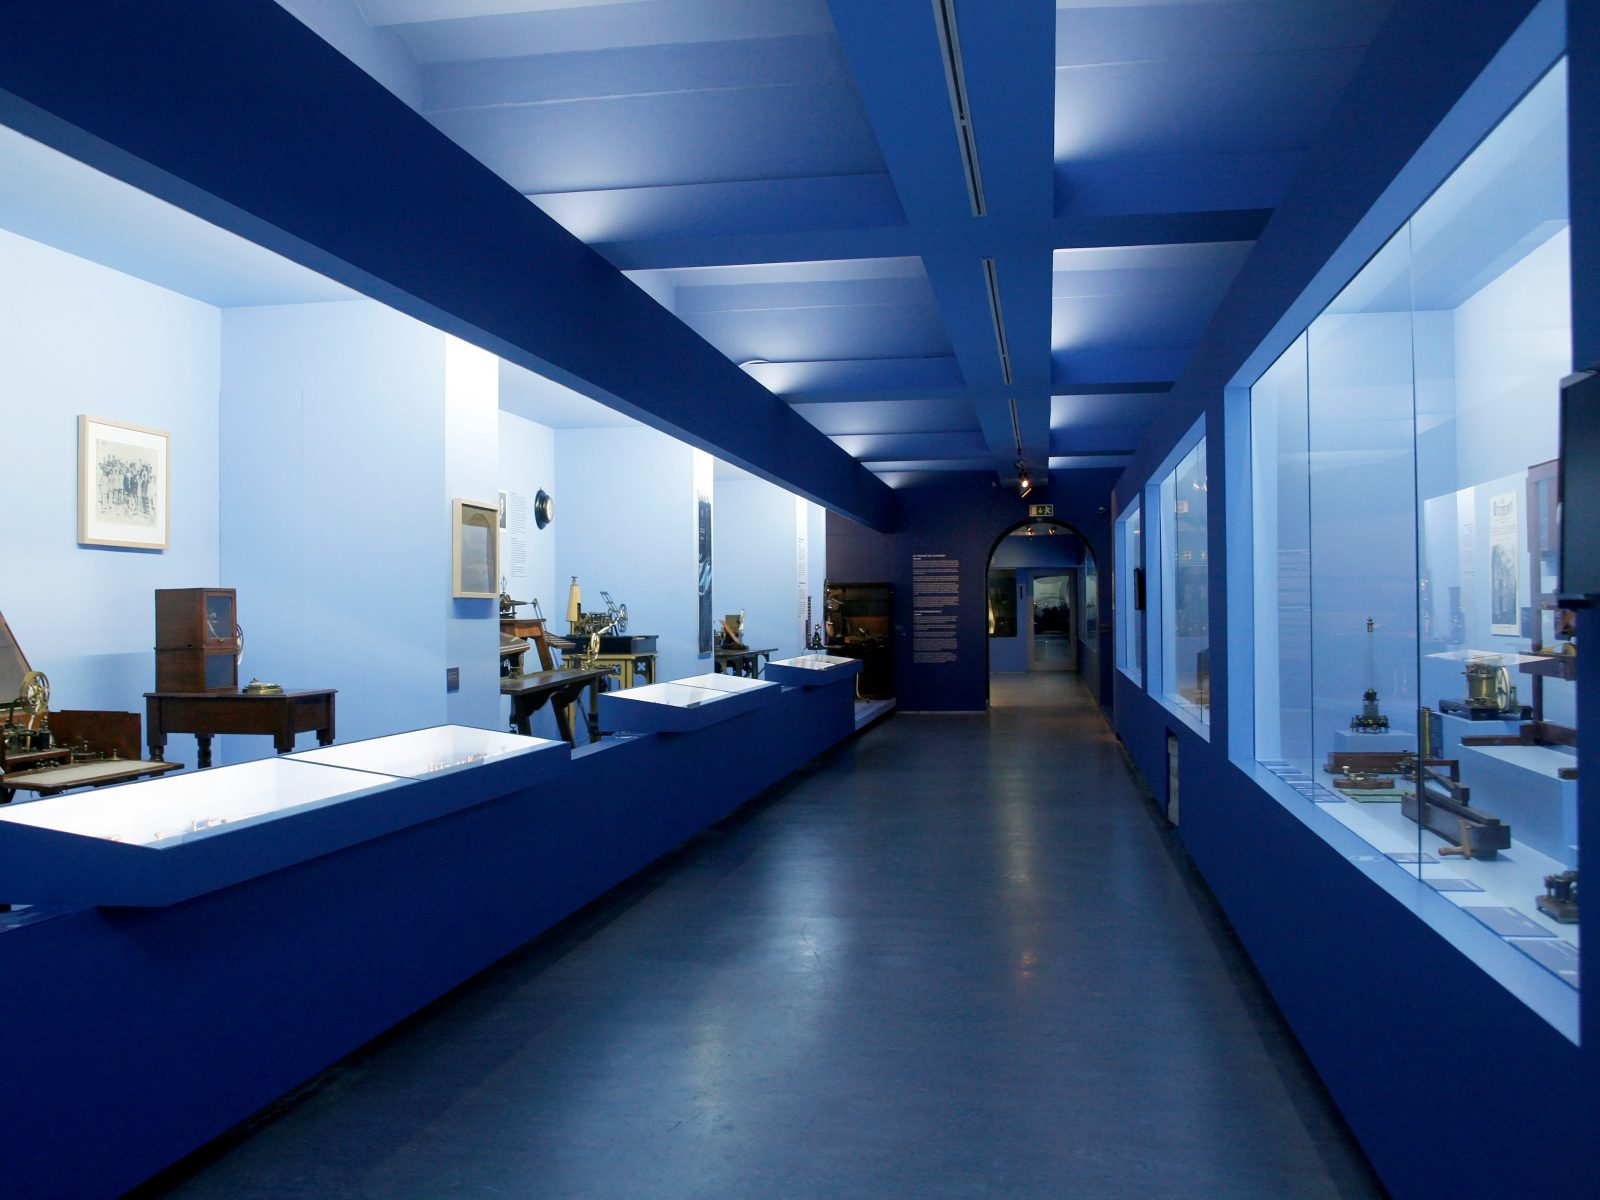 Museu das Comunicações